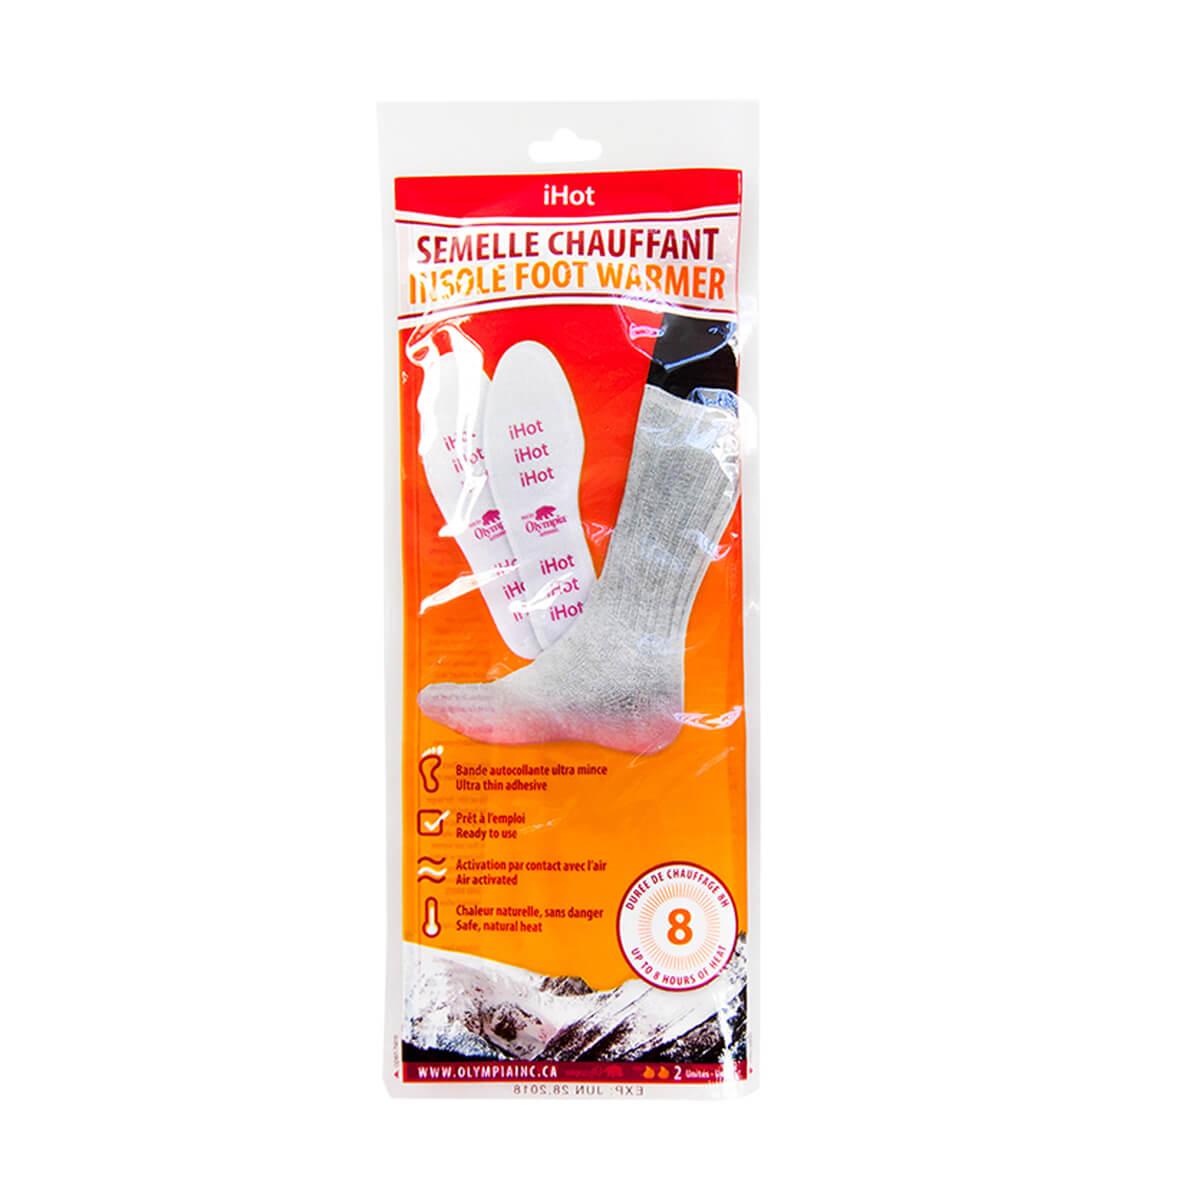 IHOT Foot Warmer - 2 Pack